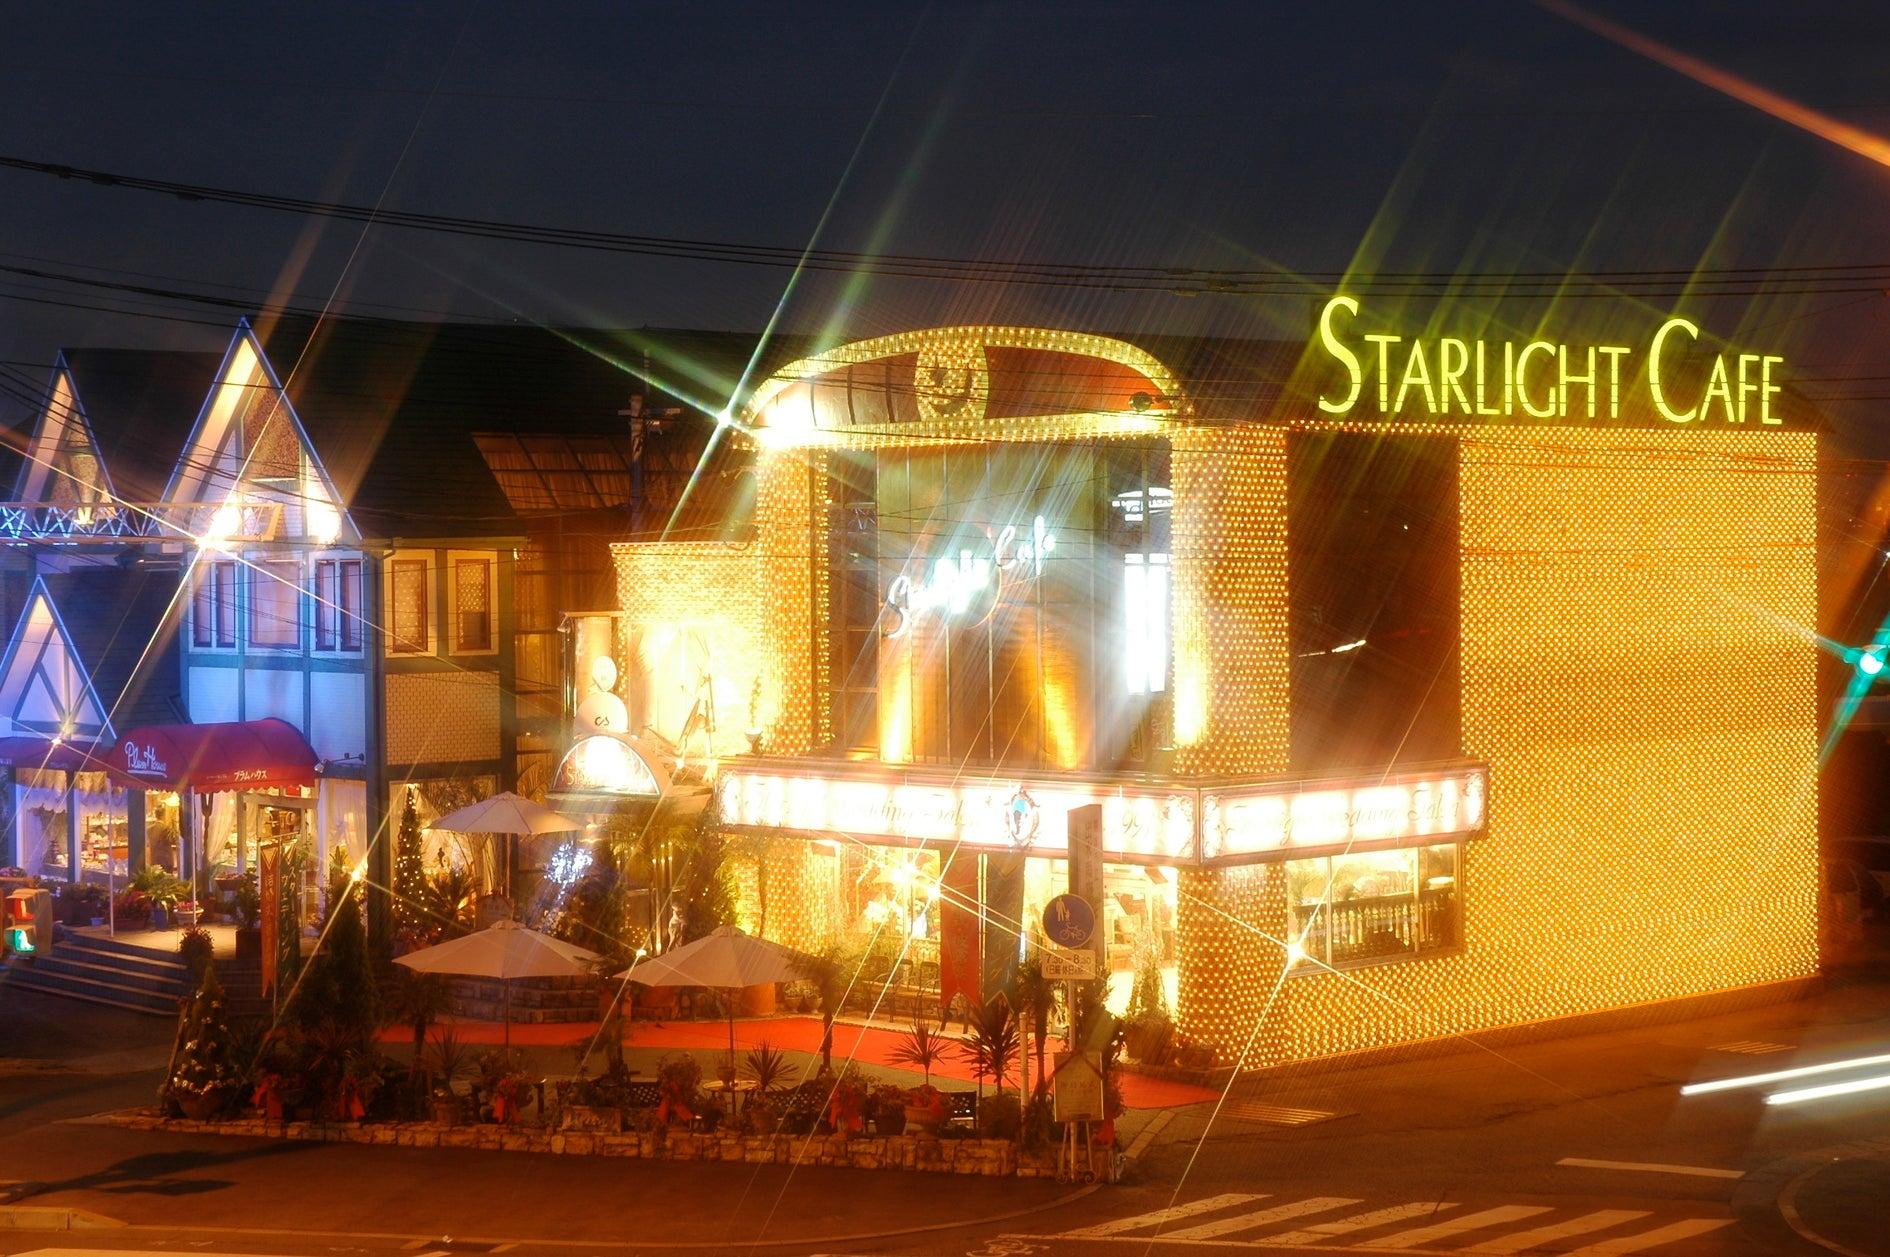 STARLIGHT CAFE 1階 のサムネイル